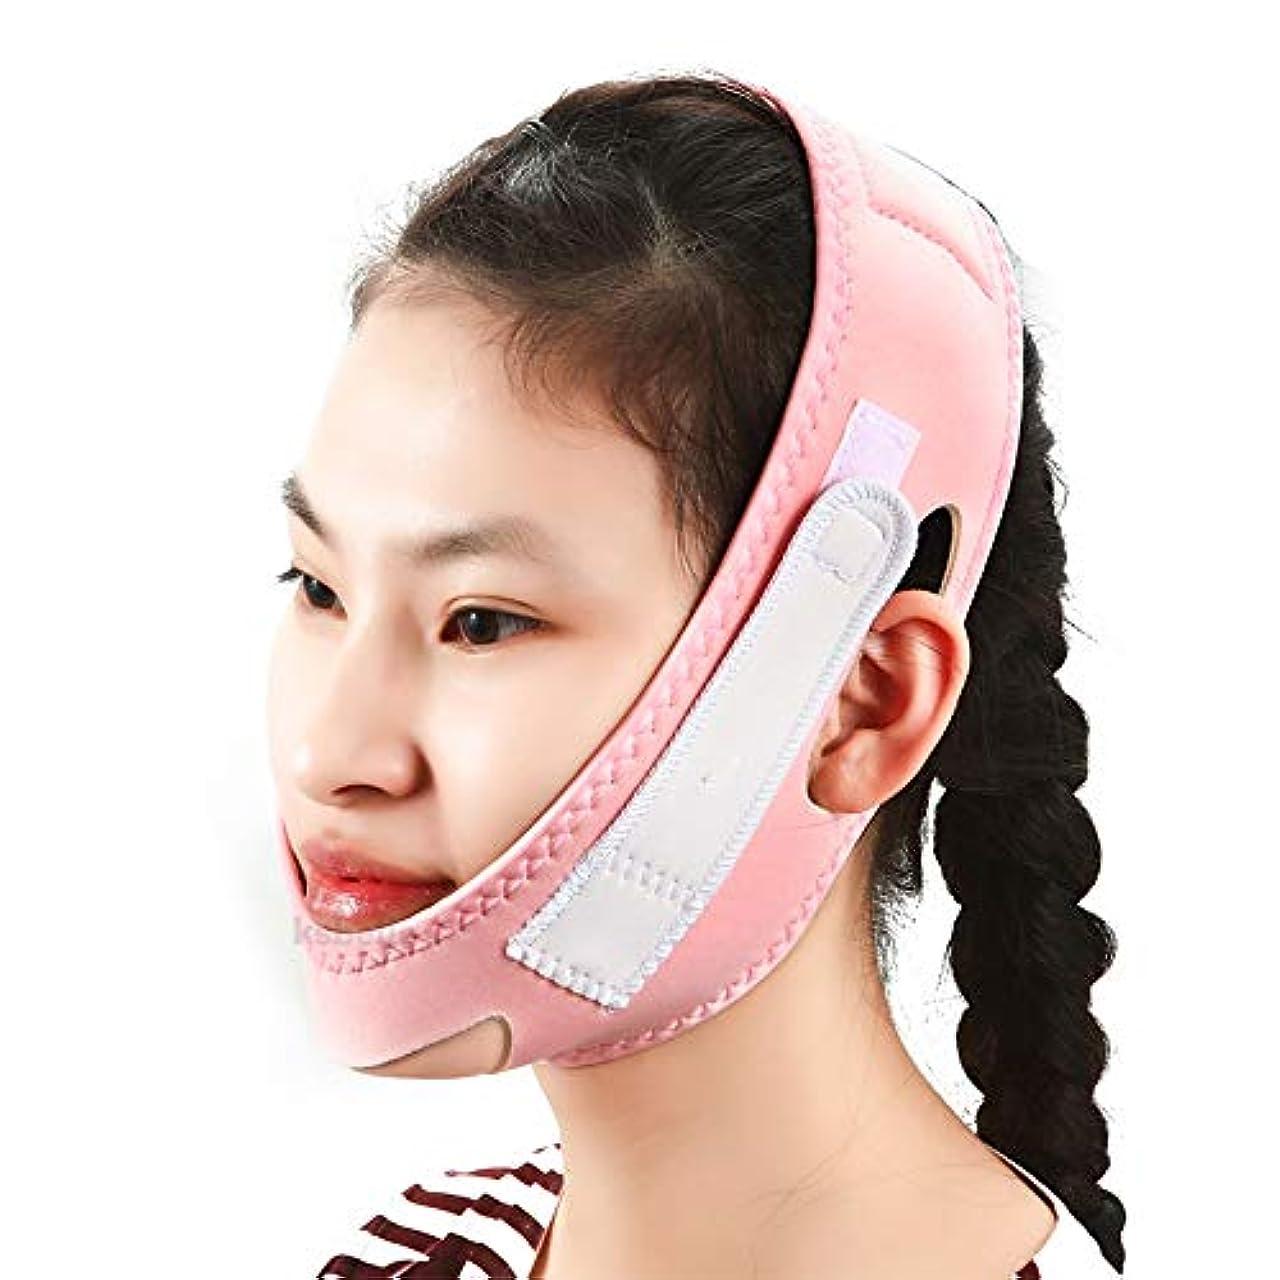 器具挨拶モードフェイススリムVラインリフトアップマスクチークチンネックスリム薄いベルトストラップ美容繊細な顔の薄いフェイスマスク痩身包帯